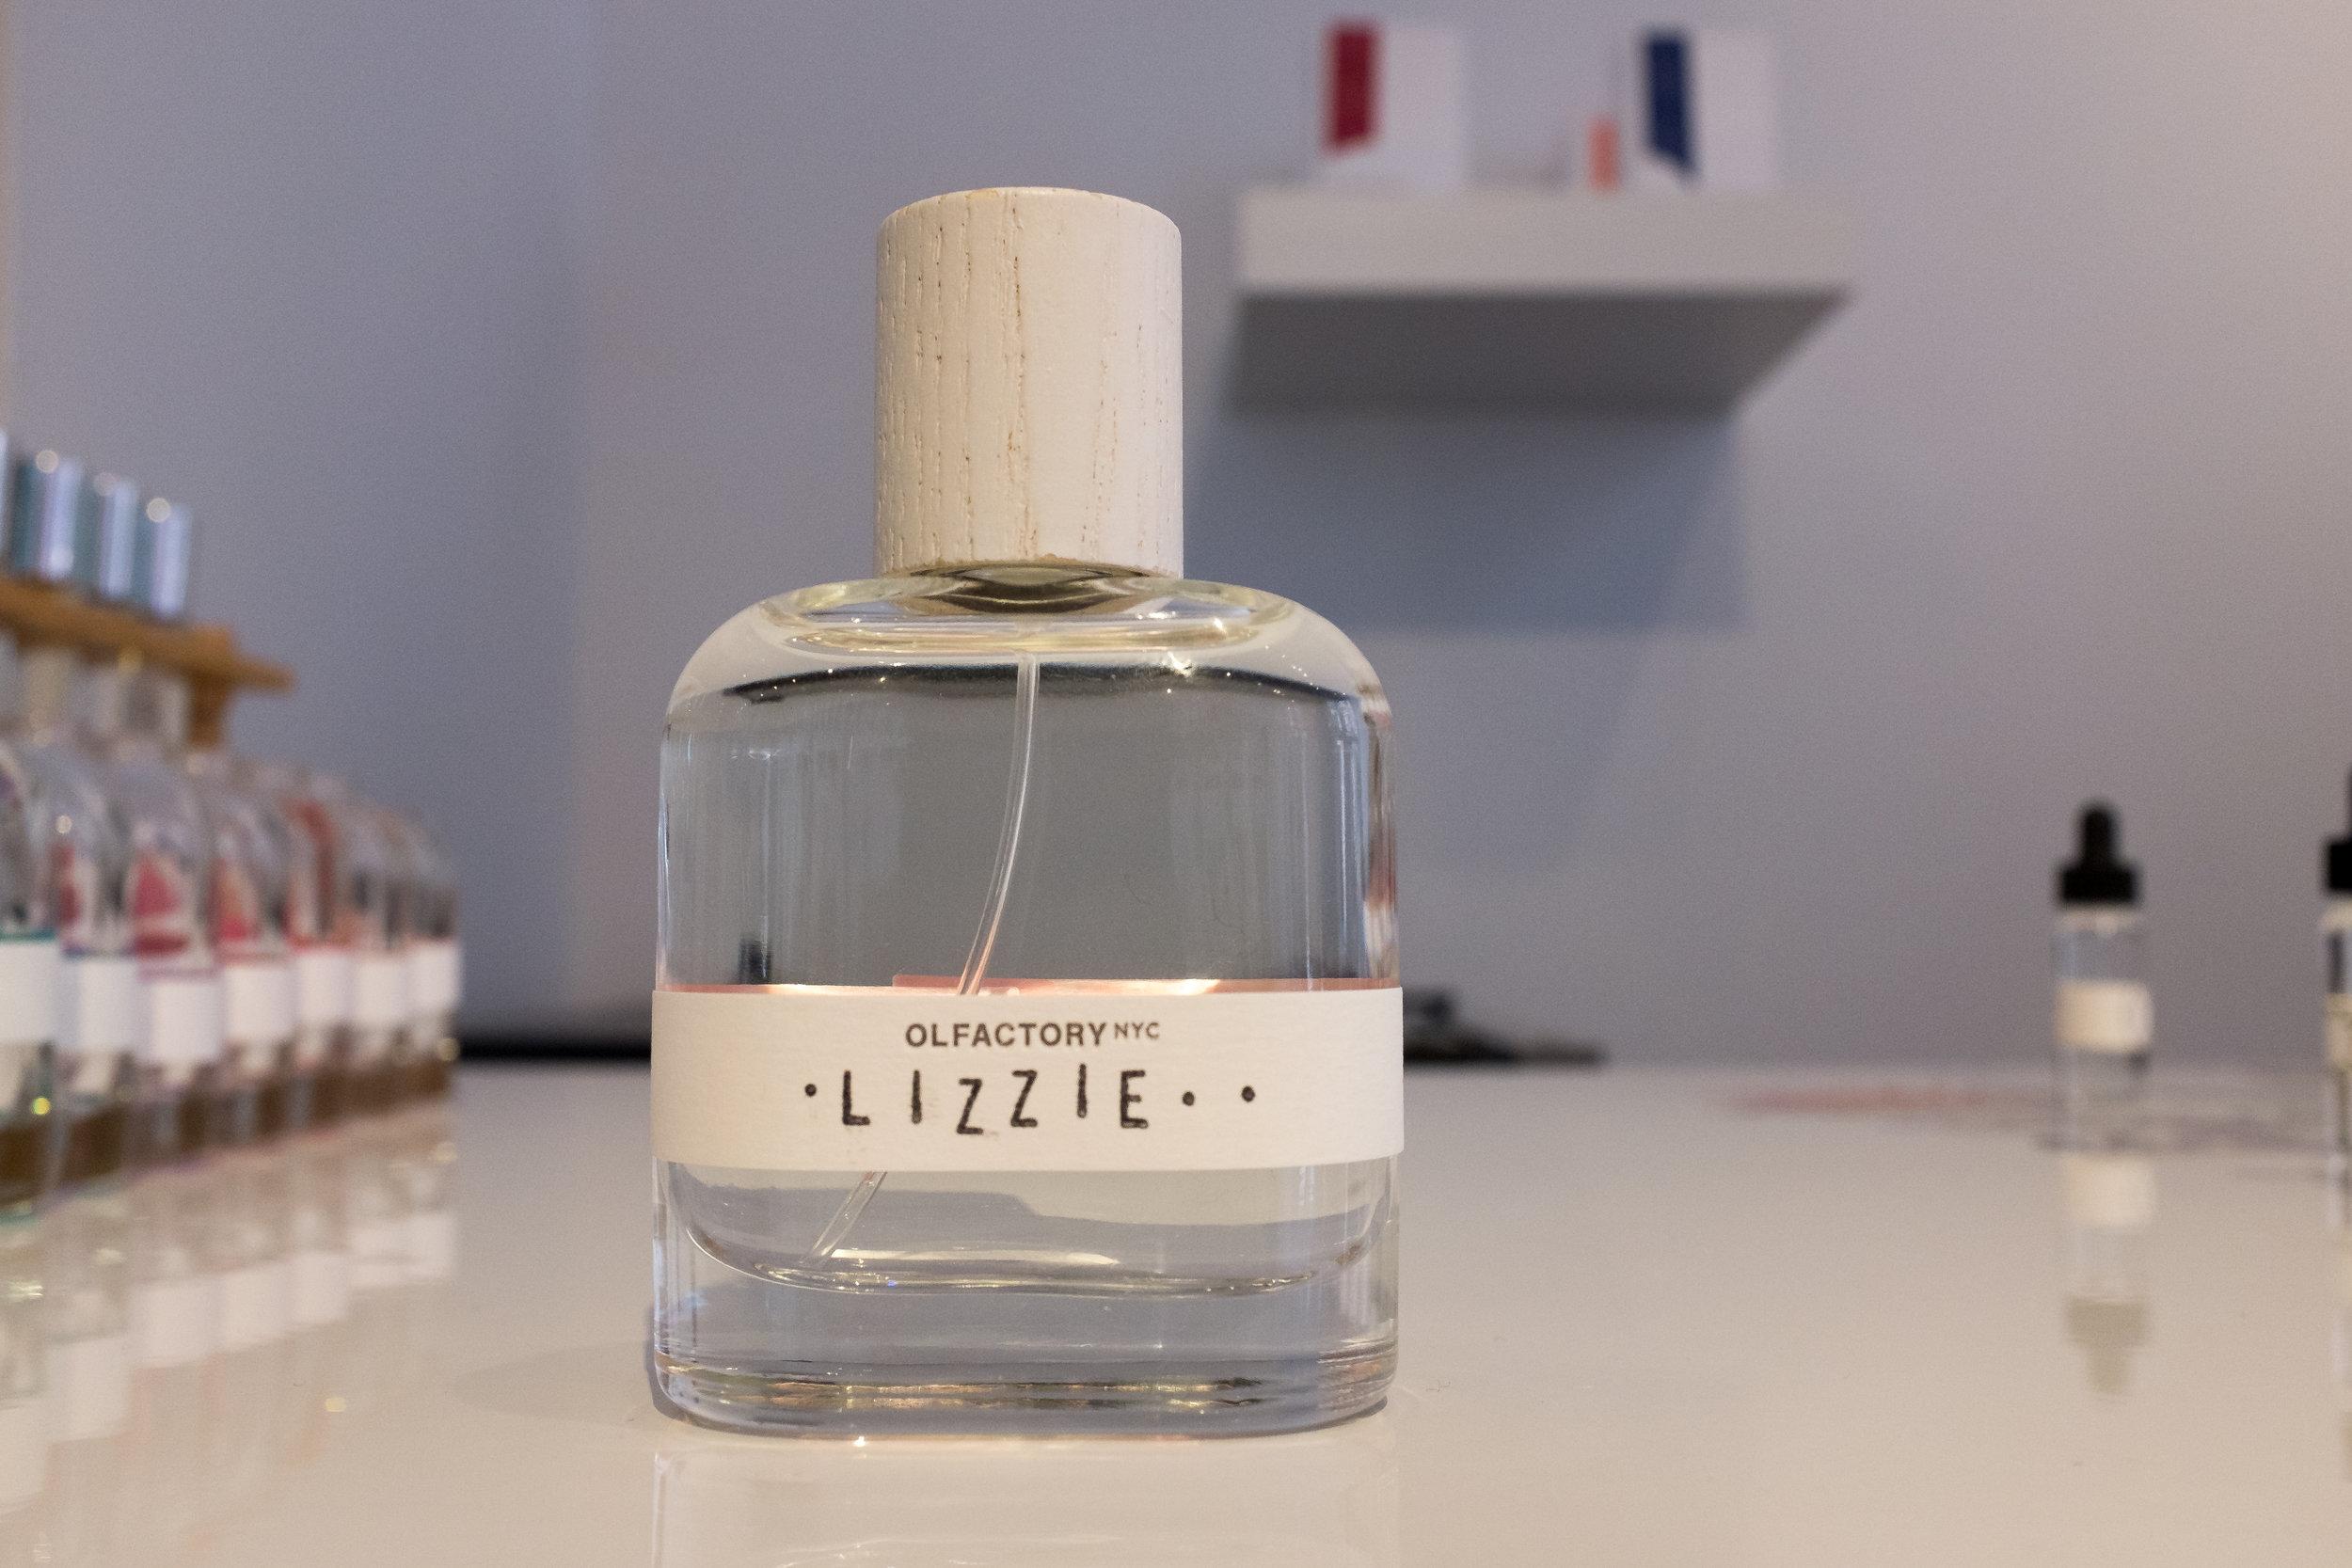 lizzie-bottle (1 of 1).jpg